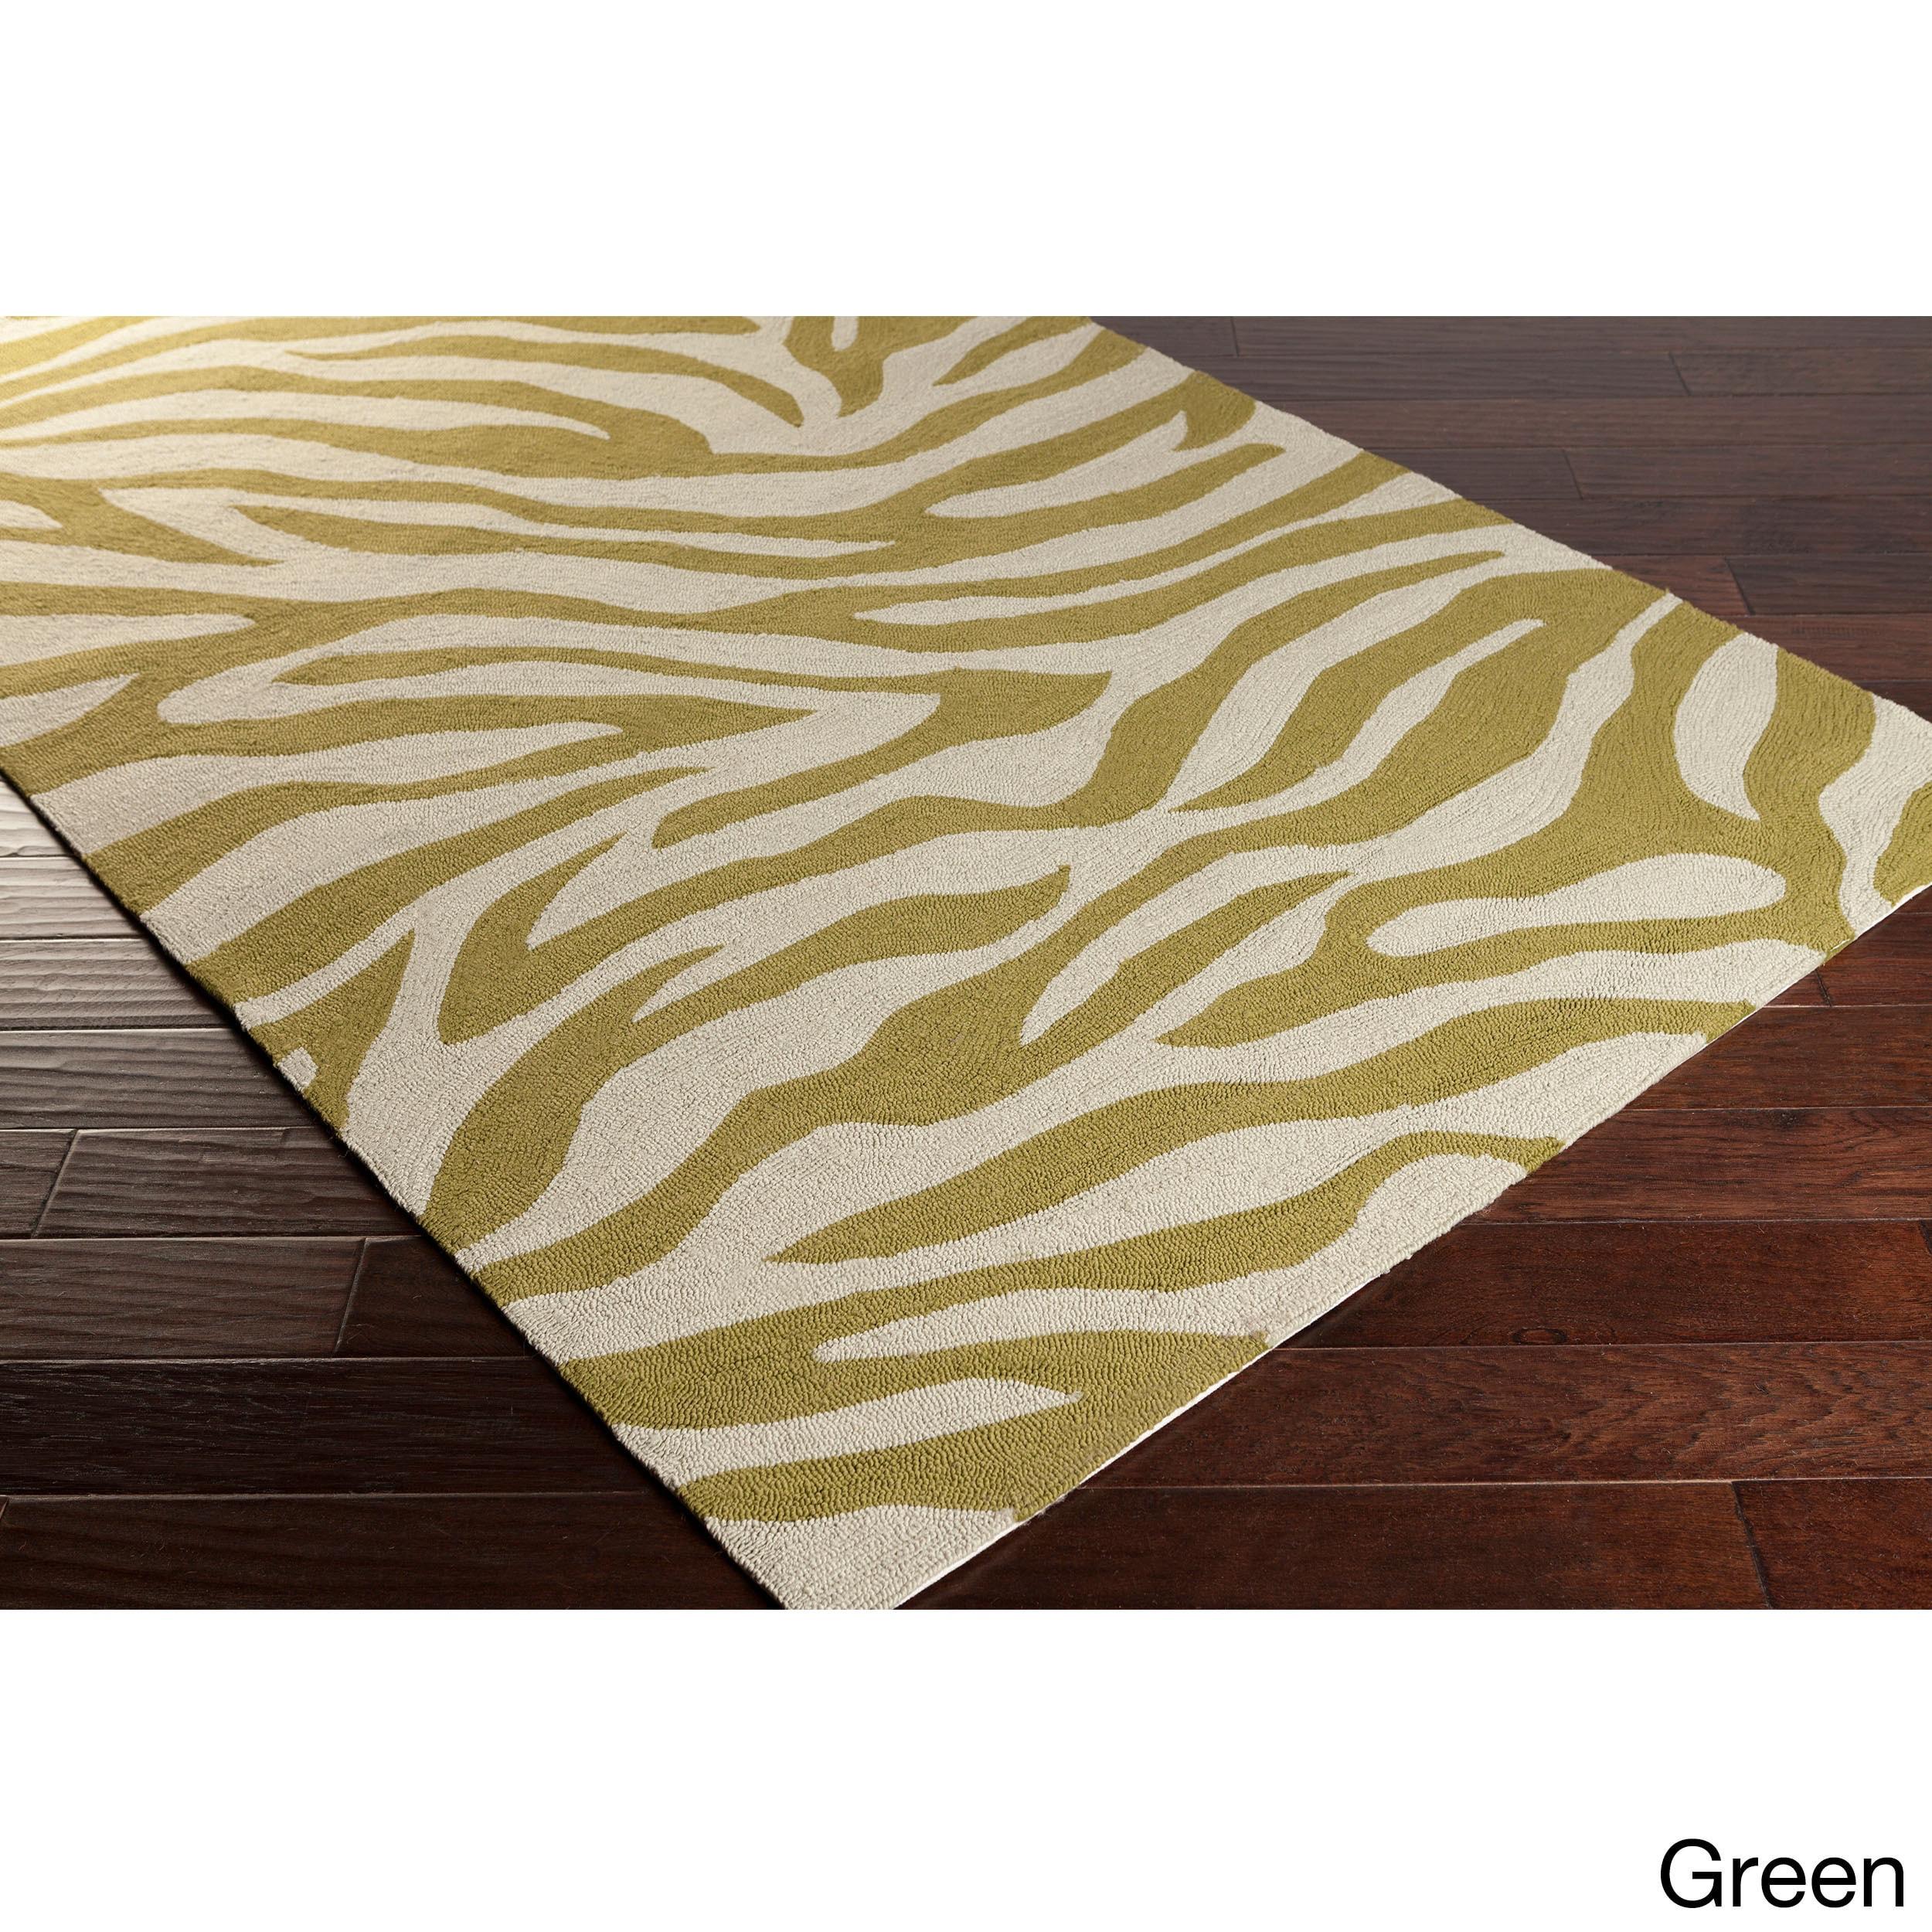 SURYA Hand-Hooked Adele Zebra Indoor/Outdoor Polypropylen...